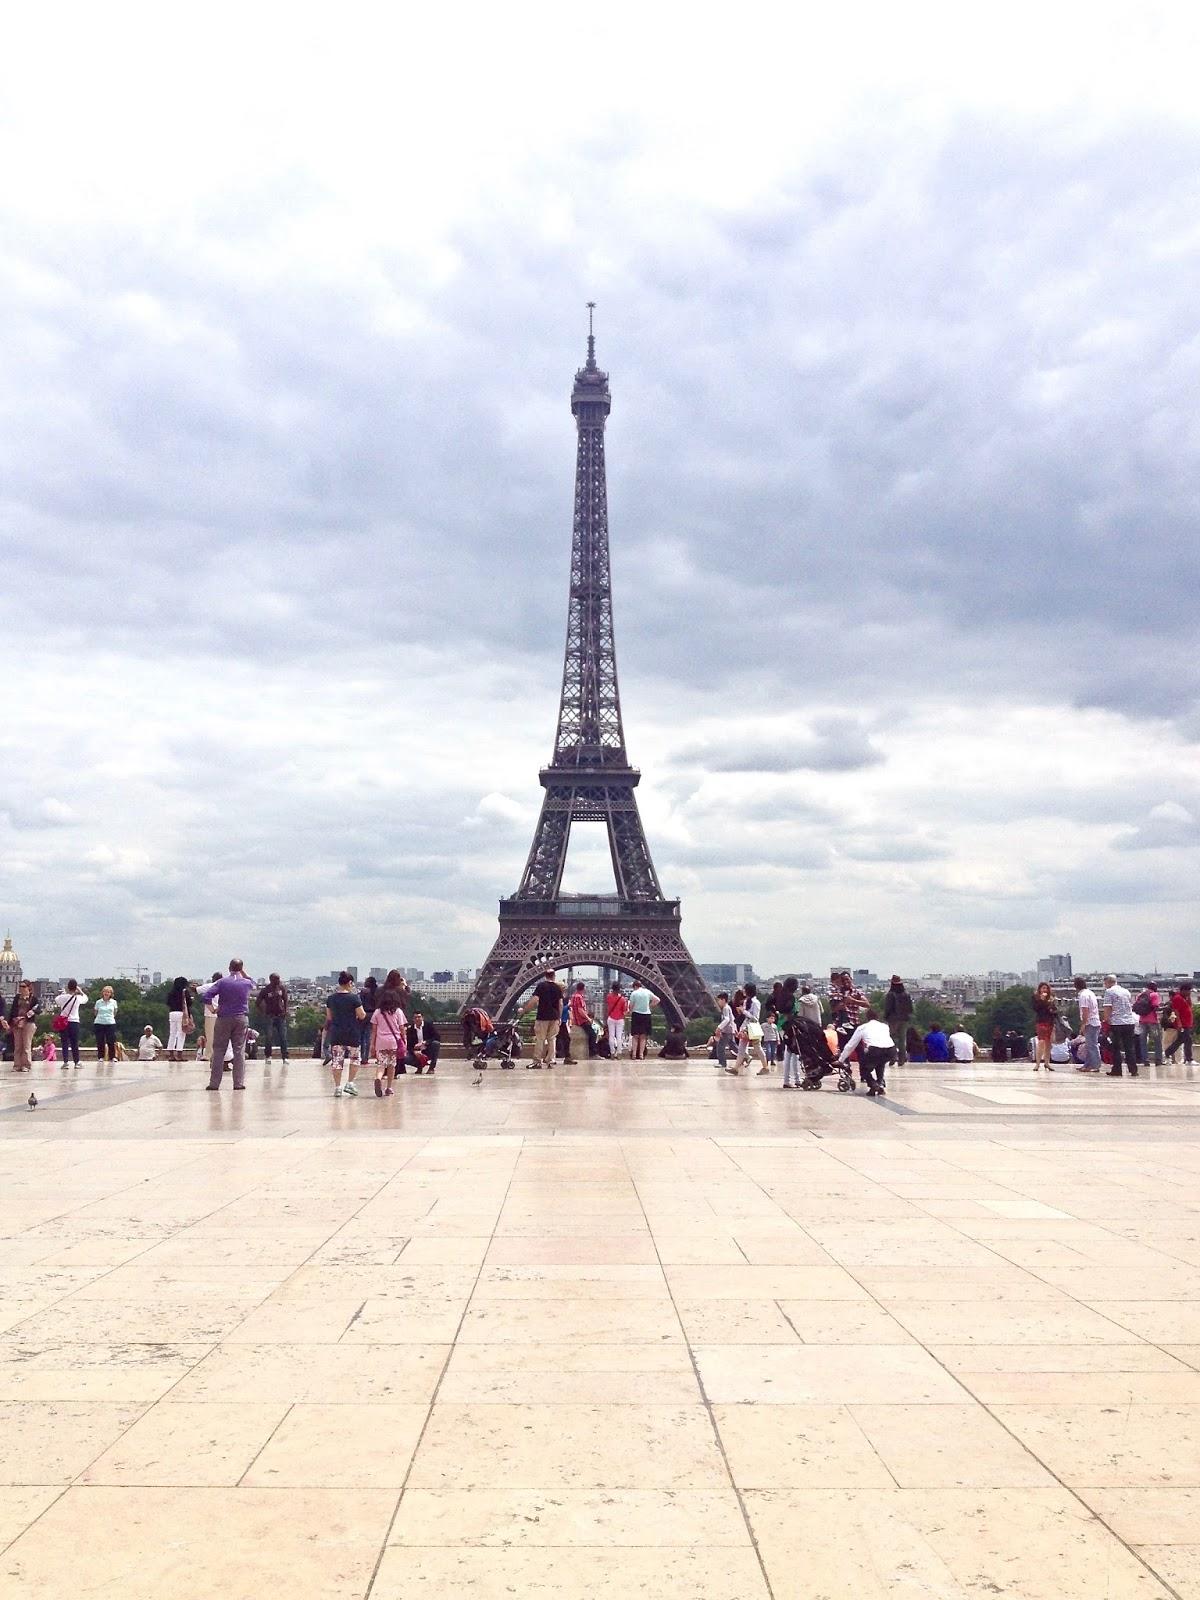 paris Eiffel tower clouds